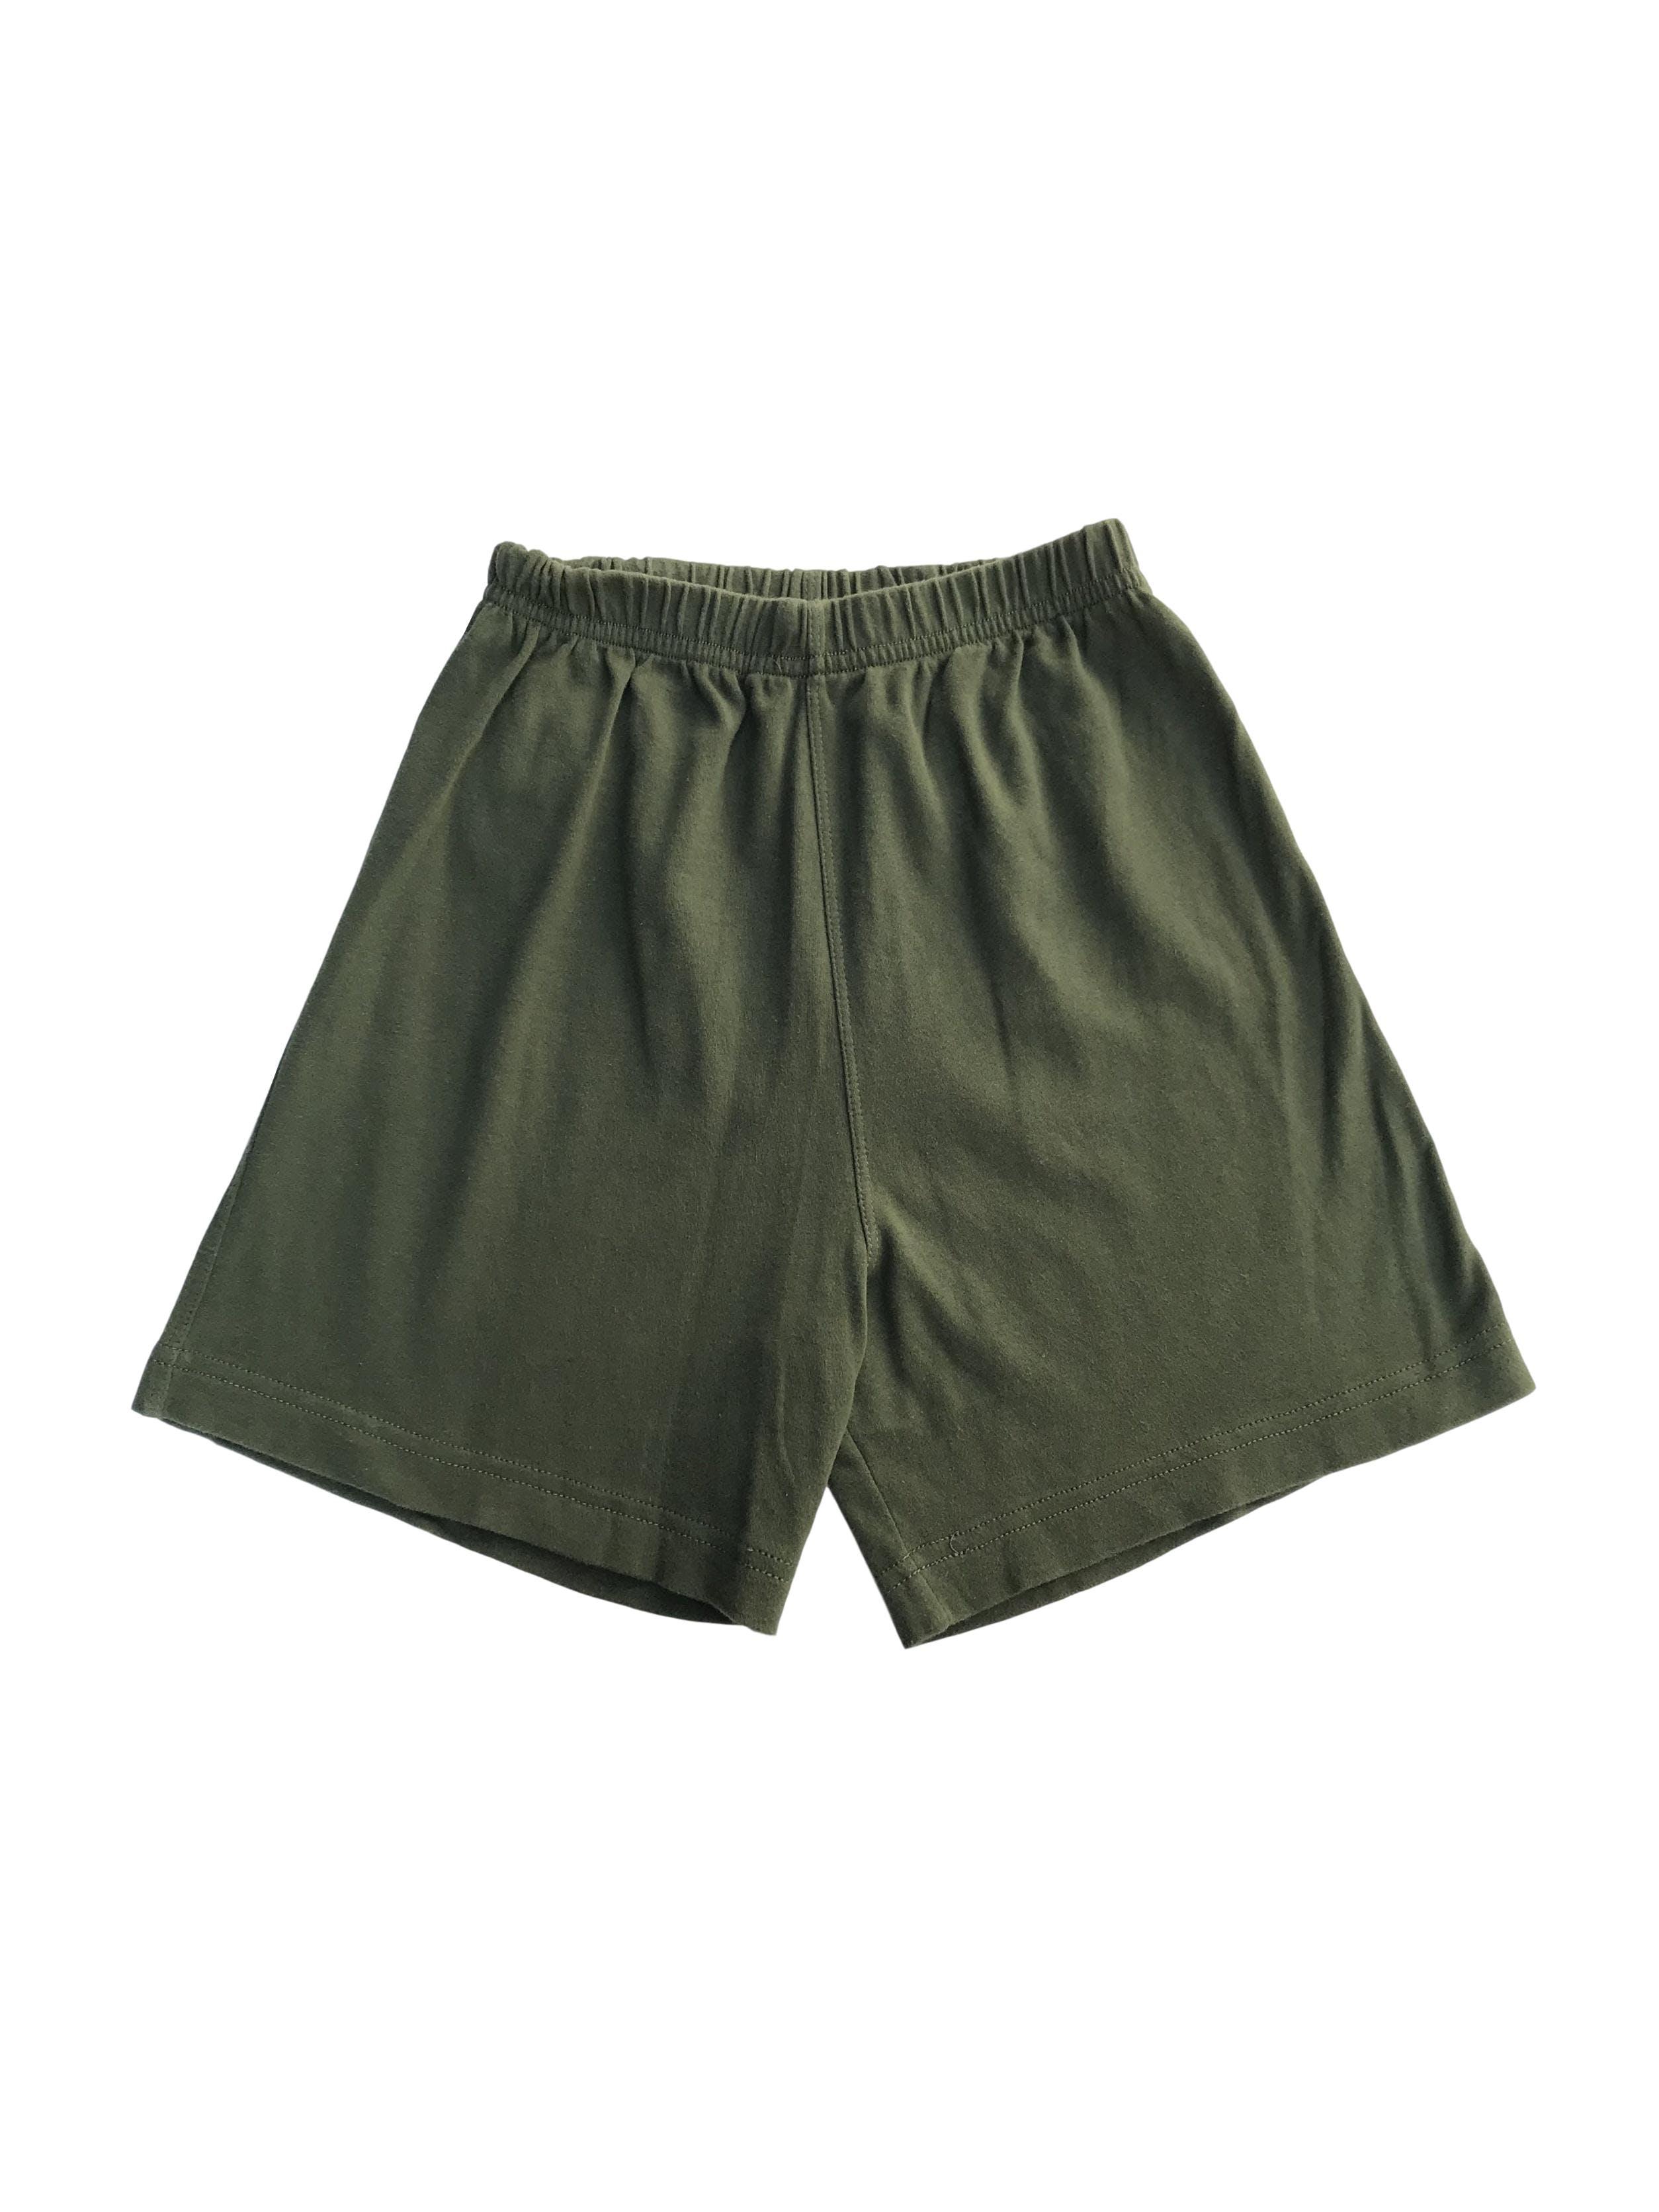 Short verde de algodón con elástico en la pretina